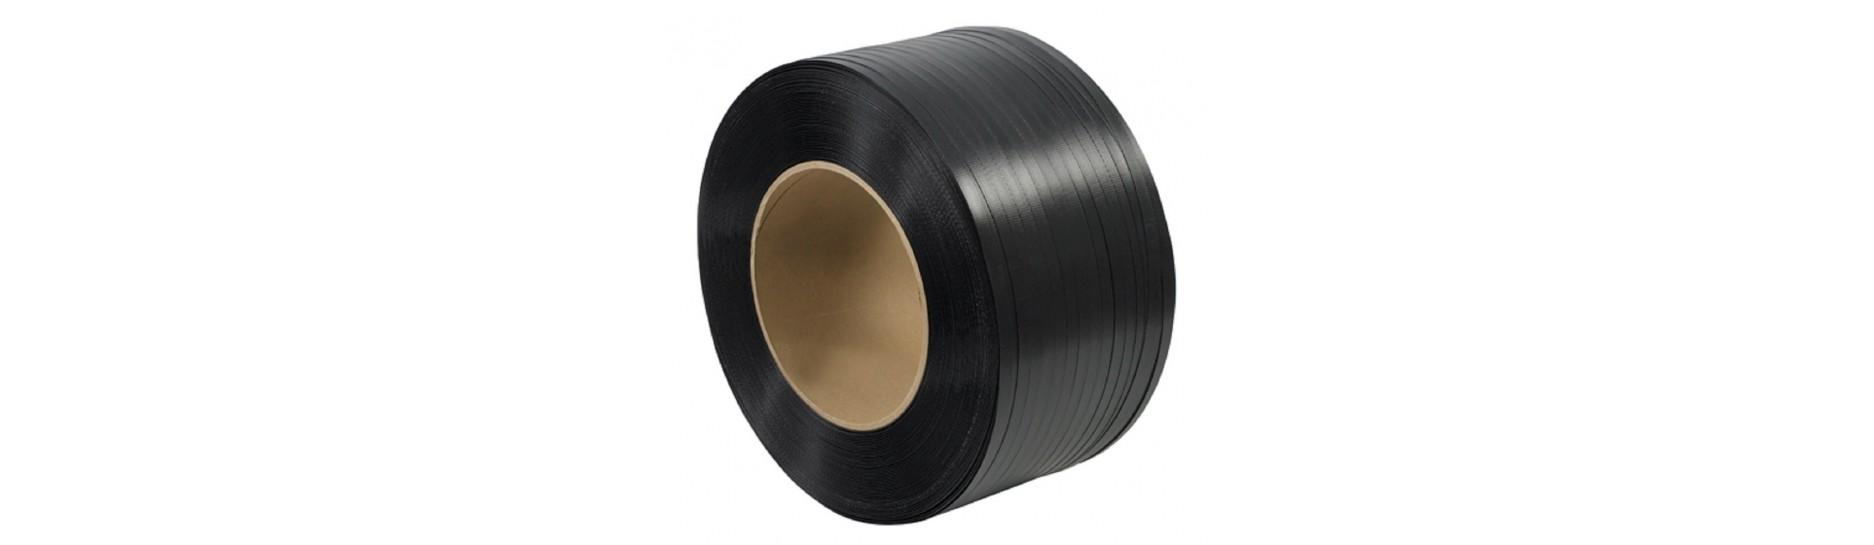 Vázací pásky PP